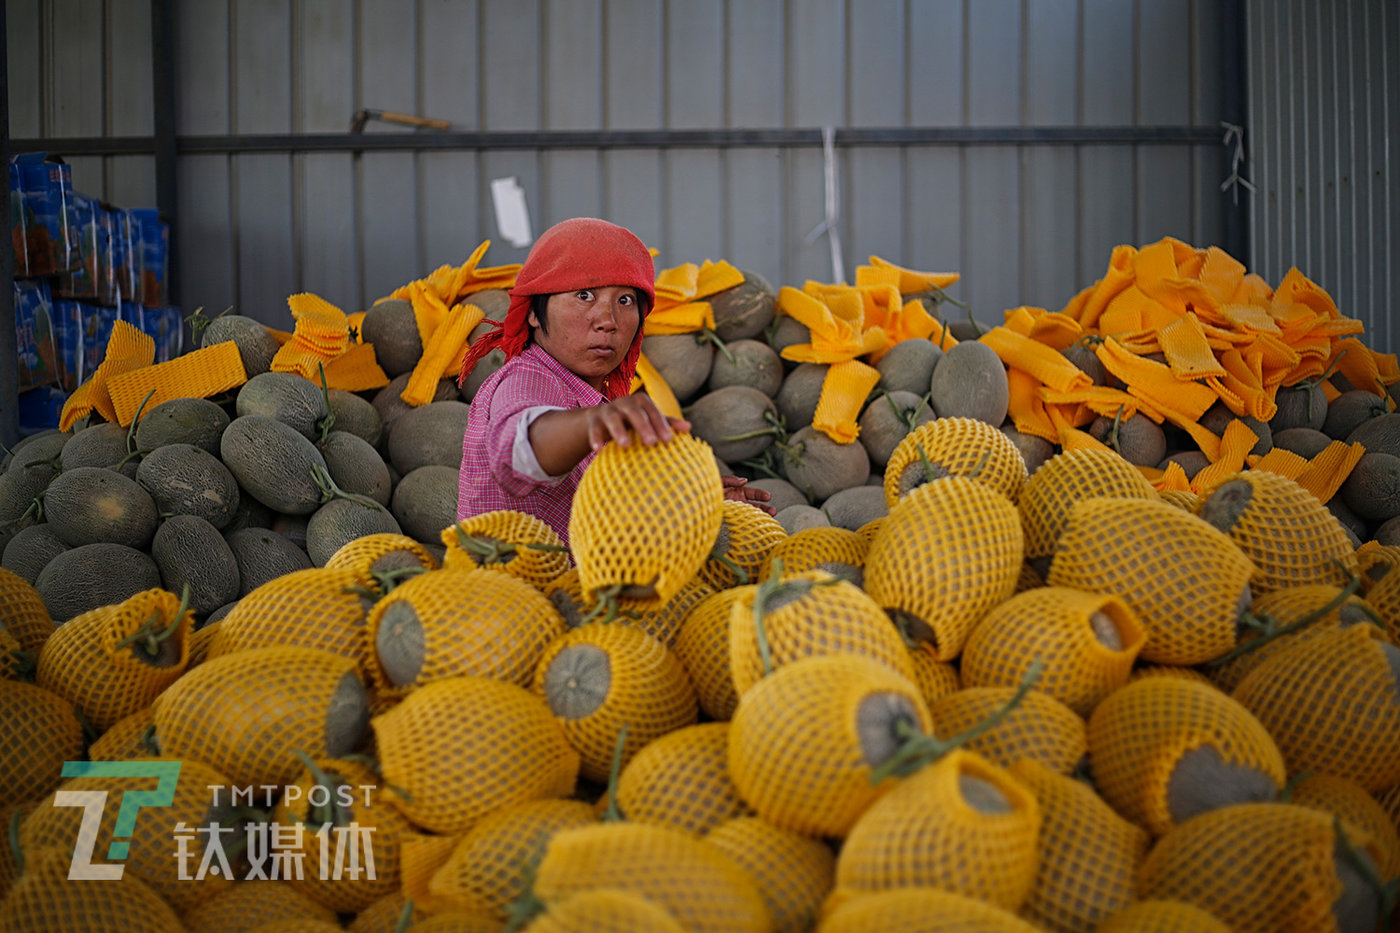 8月18日,收成镇,一位兼职打包工在打包蜜瓜。每年8月到9月,来自全国各地水果批发商会云集在这个小镇收购蜜瓜。